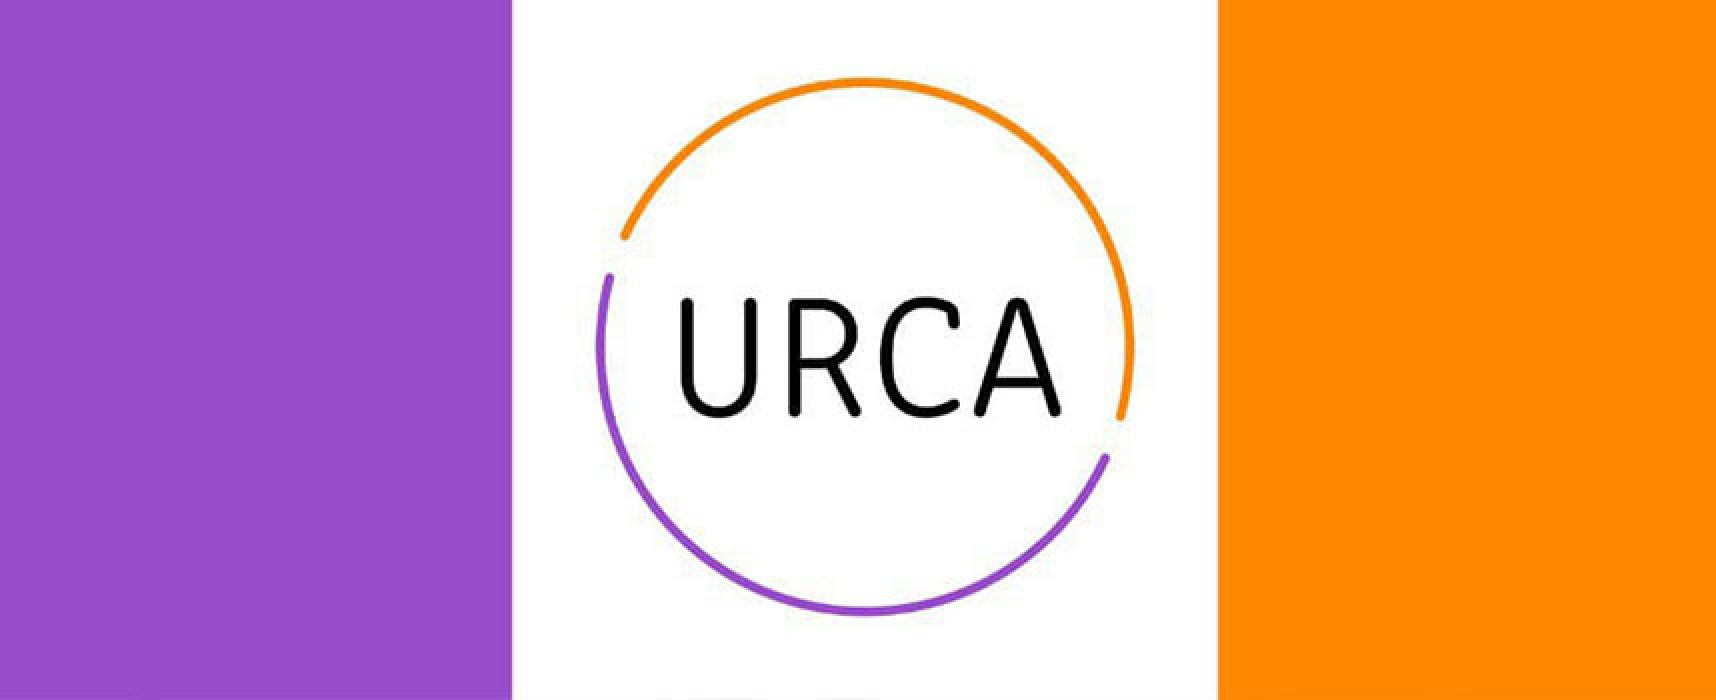 A Bisceglie arriva URCA, neonata associazione culturale